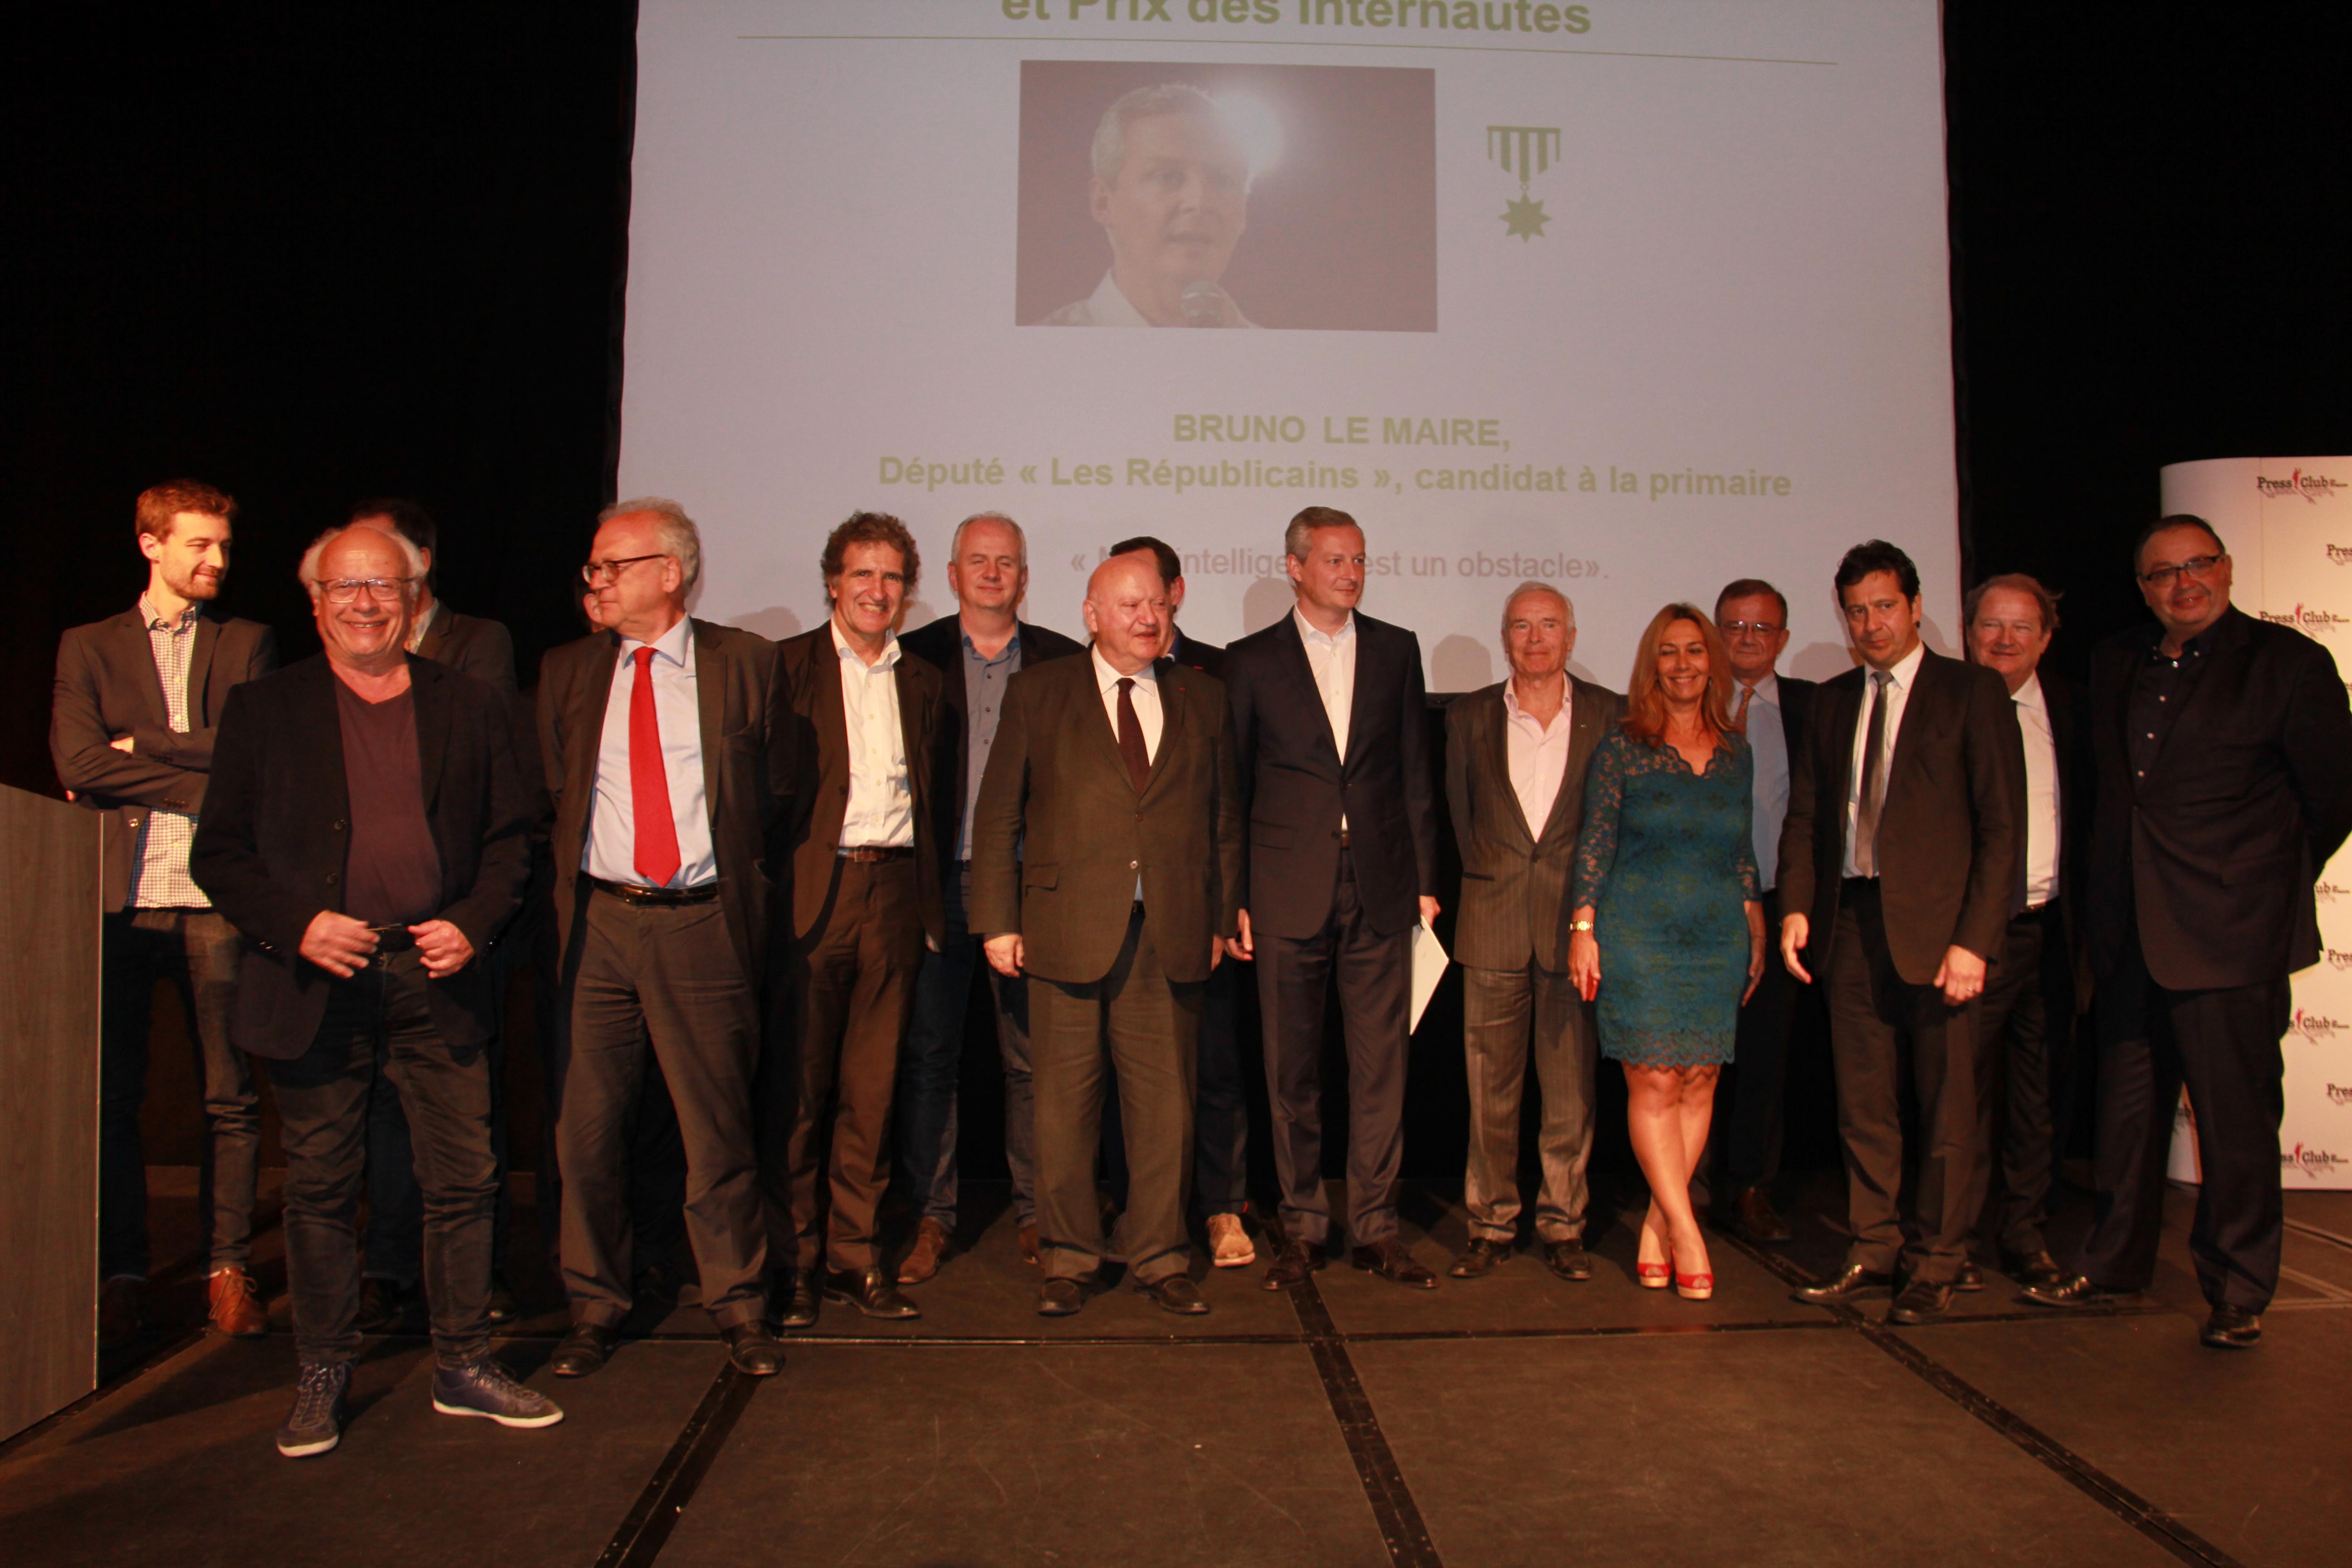 Bruno Le Maire et André Santini entourés par les membres du jury